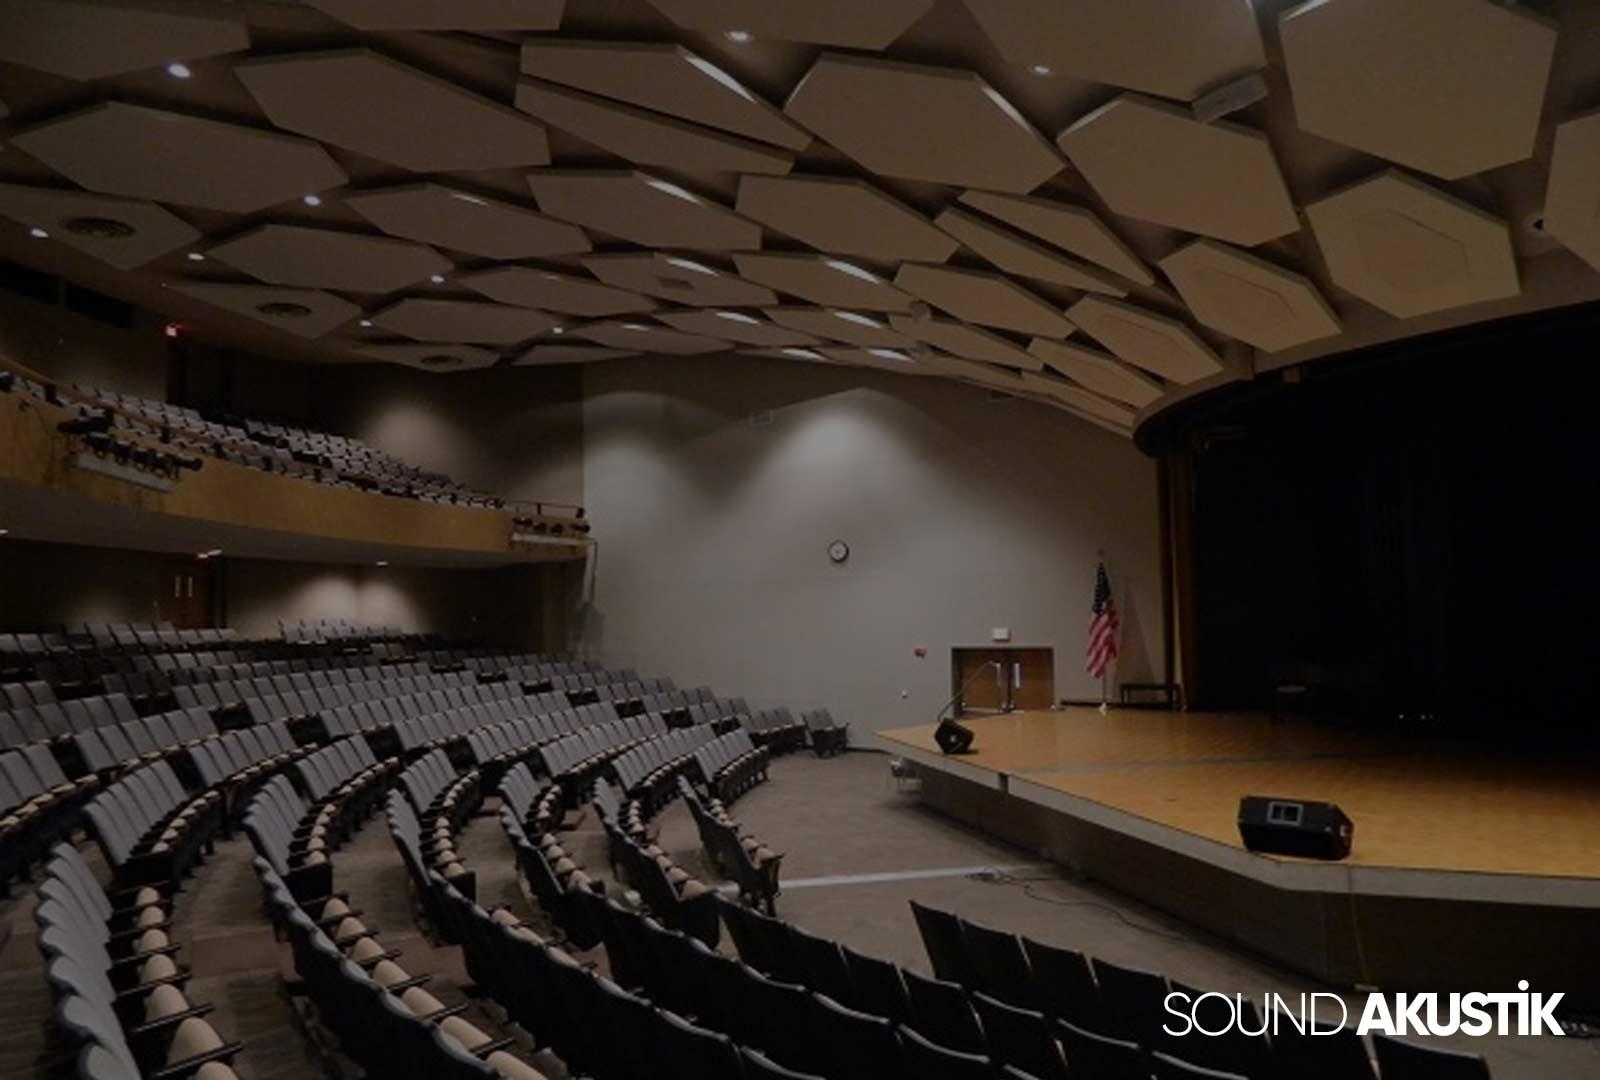 seminer salonu ses yalıtım uygulaması